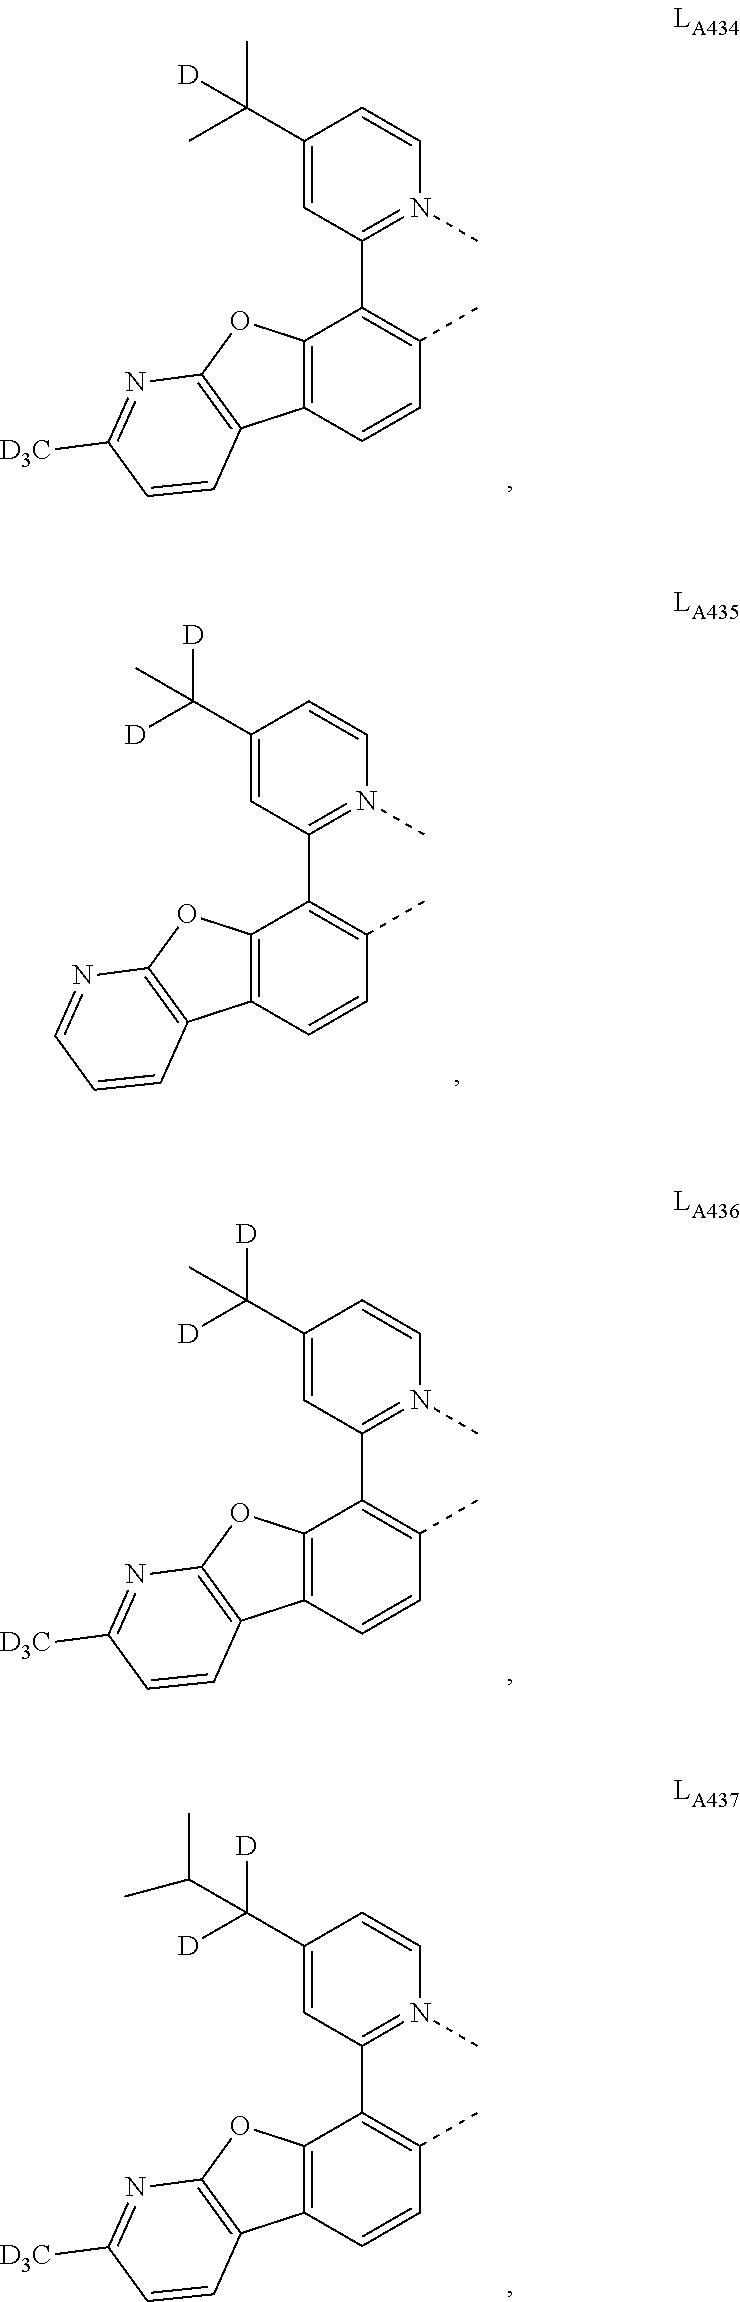 Figure US20160049599A1-20160218-C00495